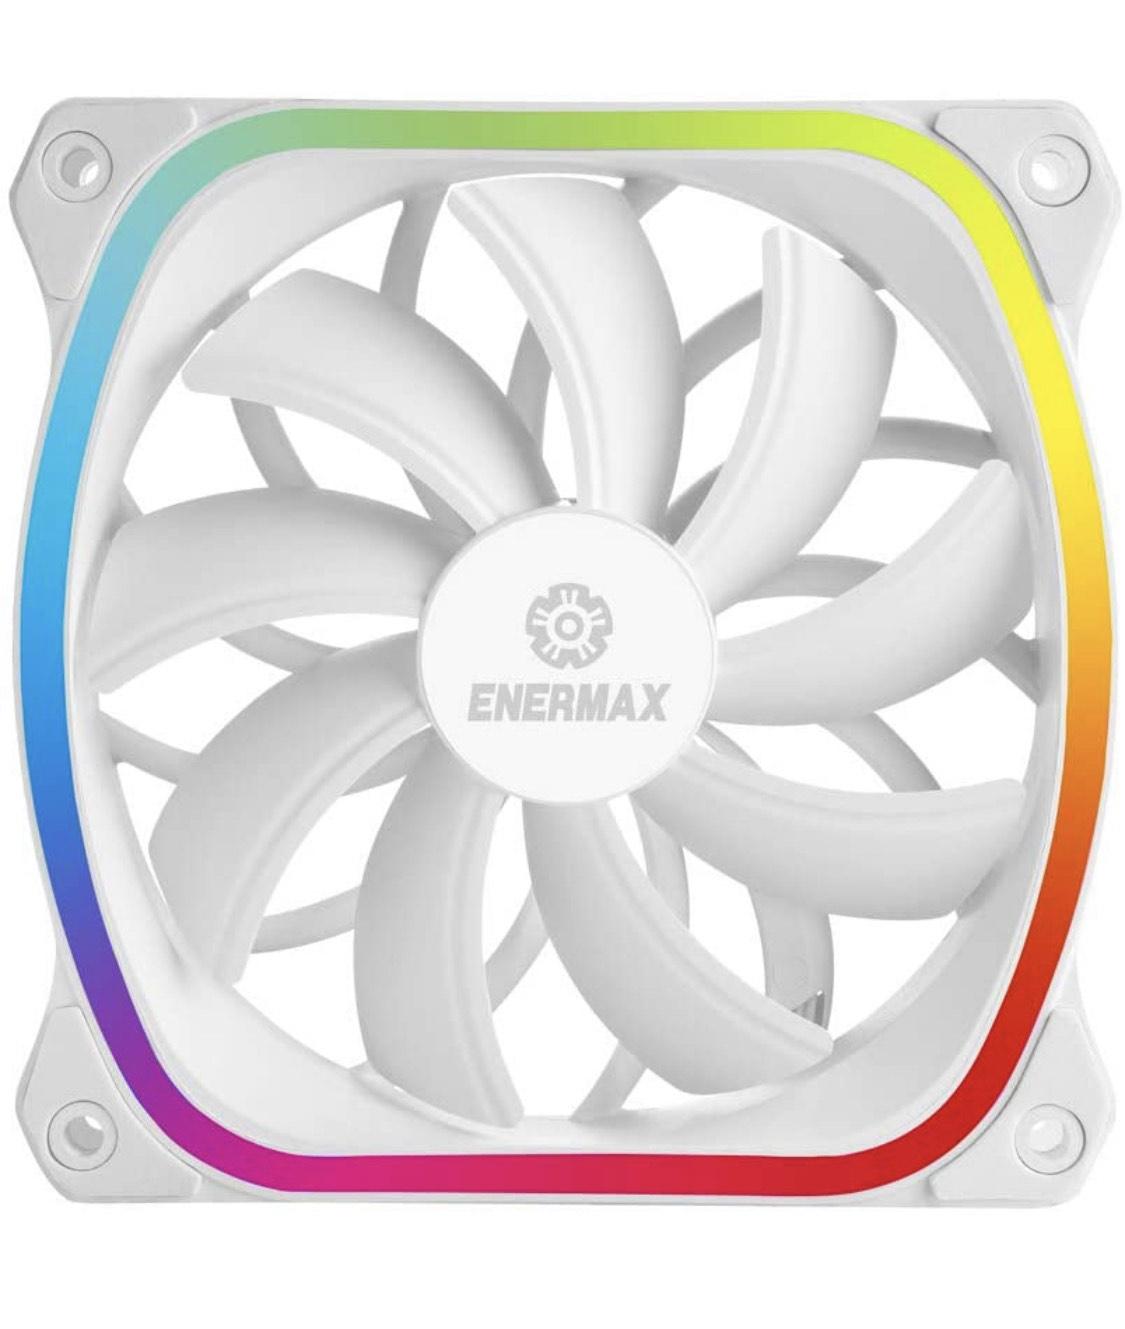 Ventilateur de Boîtier PC adressable Enermax Squa RGB White - 120mm